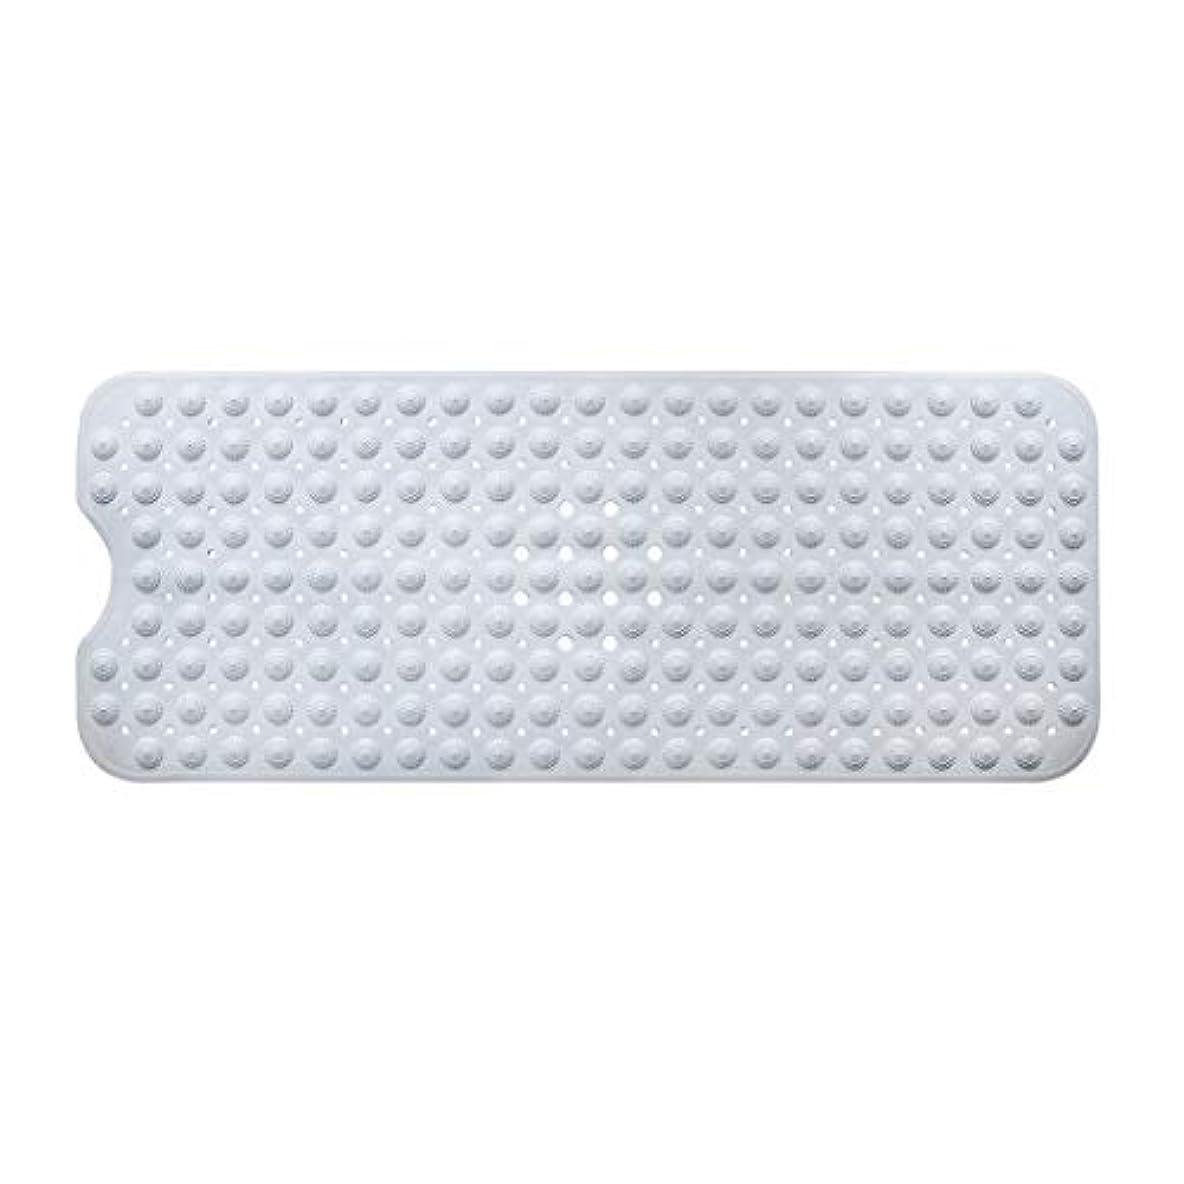 鋭く痛い現実にはSwiftgood エクストラロングバスタブマットカビ抵抗性滑り止めバスマット洗濯機用浴室用洗えるPVCシャワーマット15.7